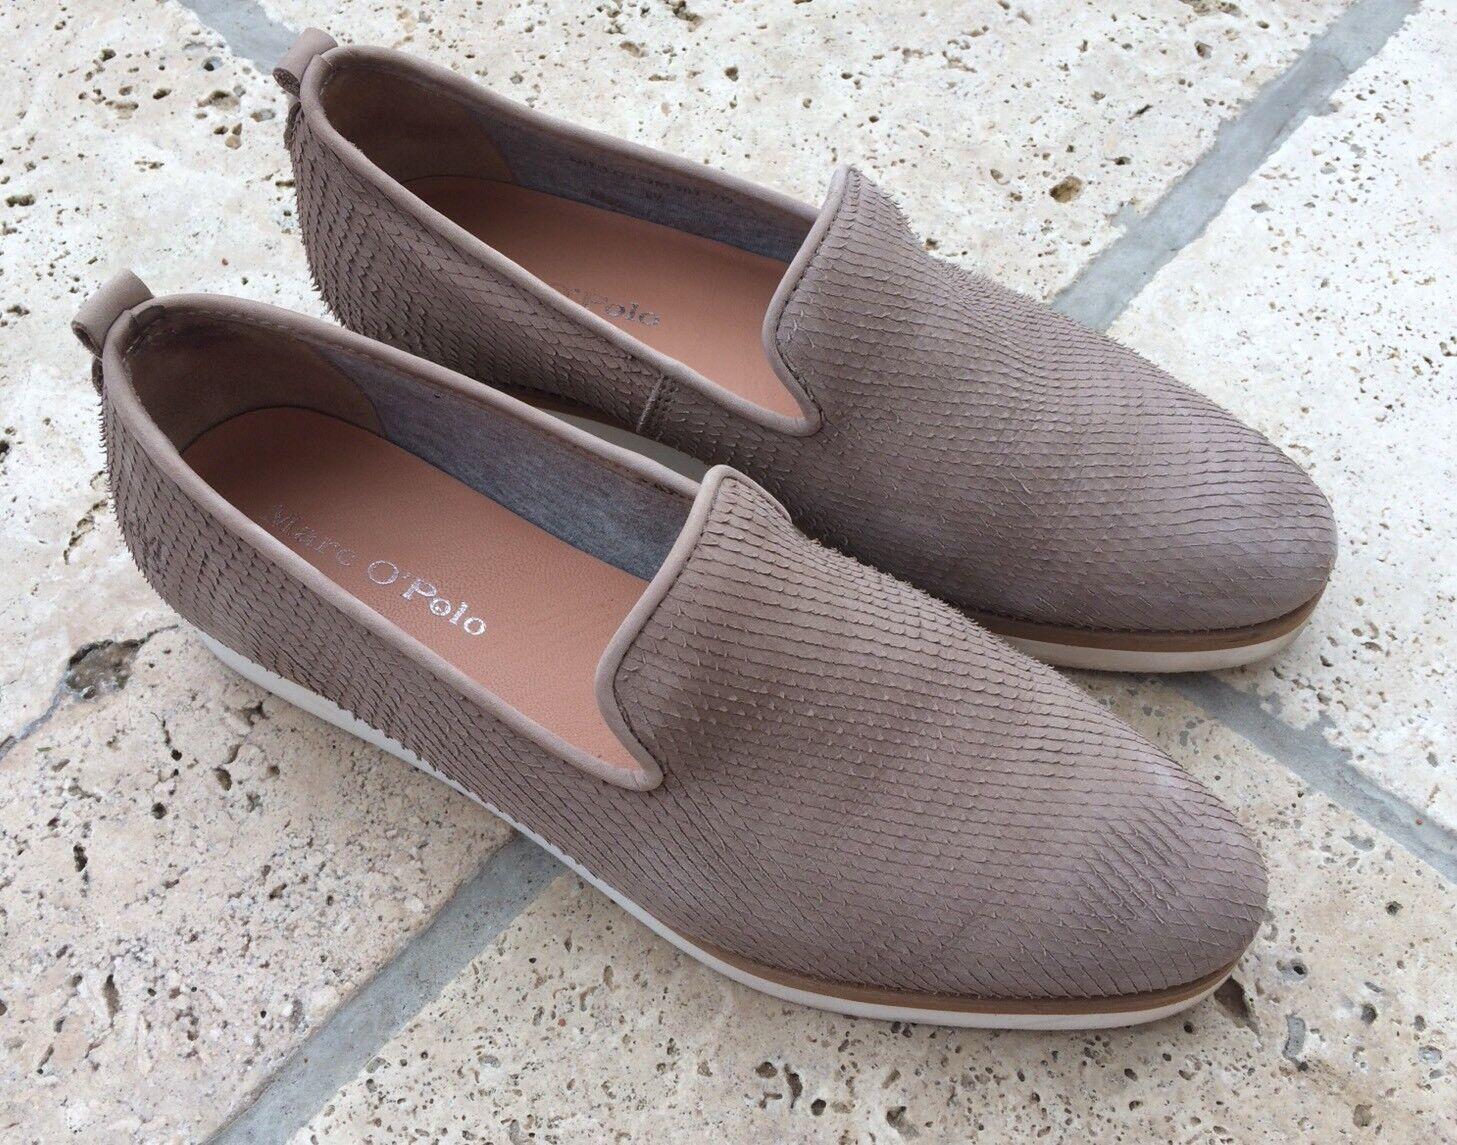 MARC O' POLO Damen Sneaker Schuhe Gr. 40 6,5  OVP fast wie Neu